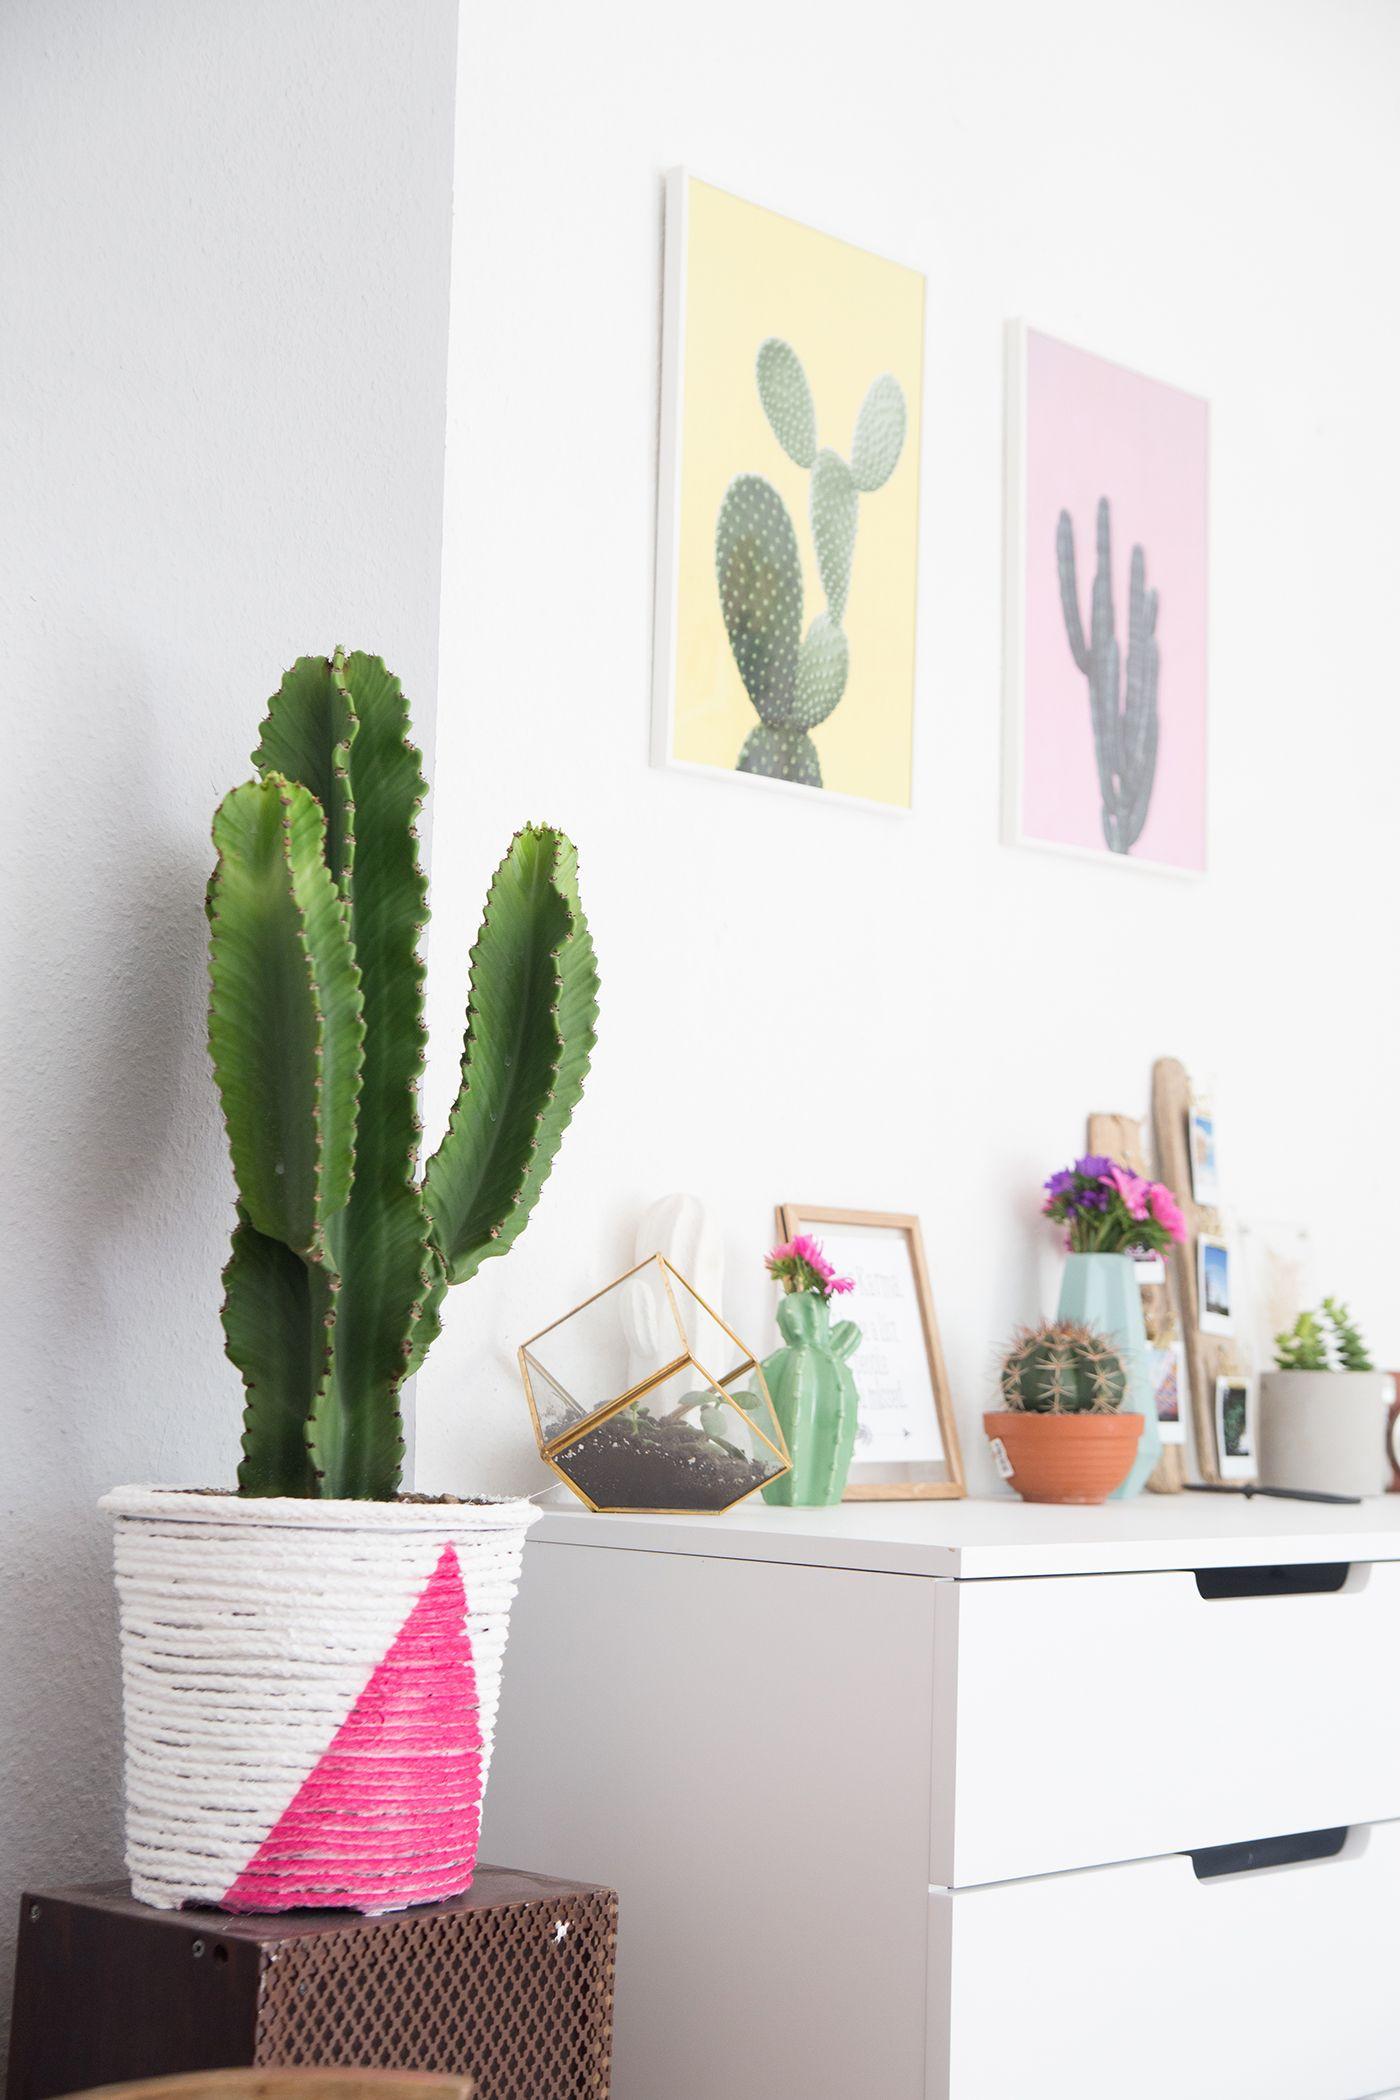 Kreative DIY Upcycling Idee zum Nachbasteln: Boho-Pflanztopf einfach aus einem Seil selbermachen | mit Step by Step Anleitung